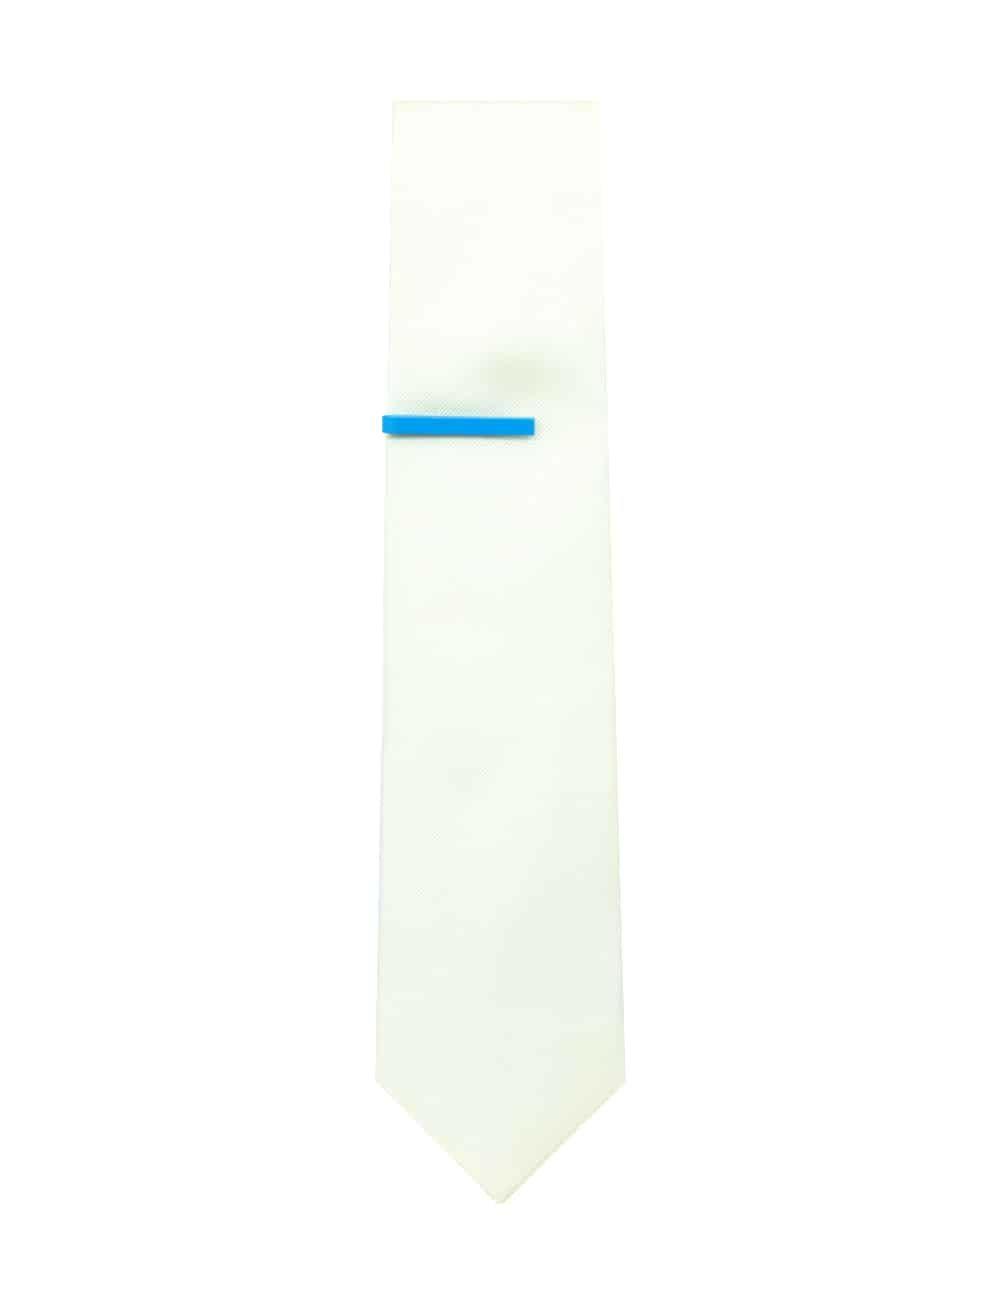 Plain Sky Blue Tie Clip T111FE-009C